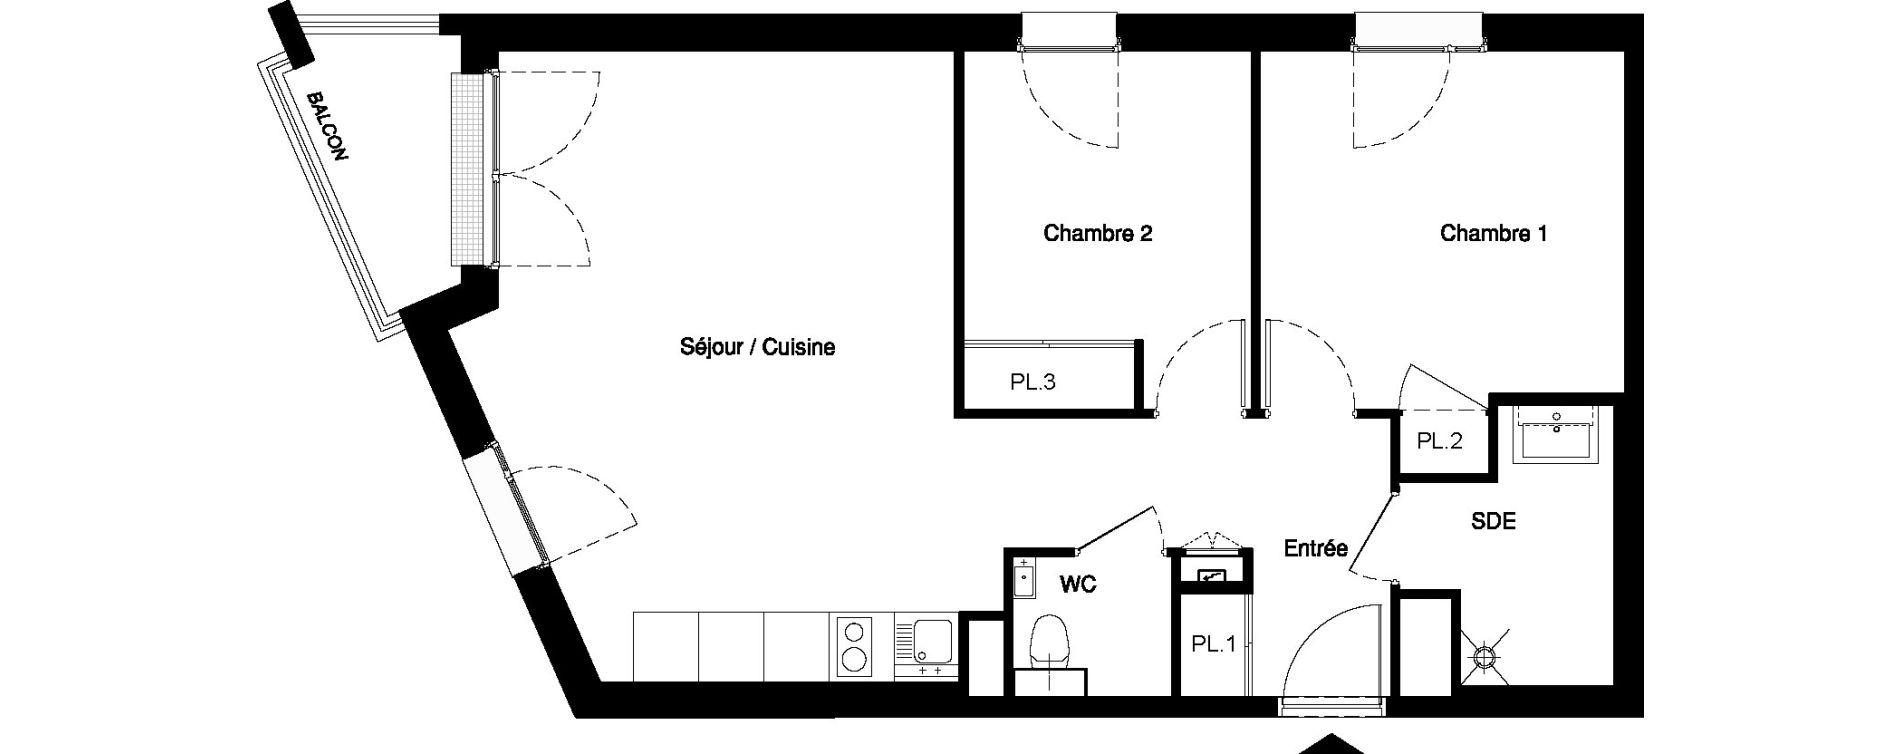 Appartement T3 meublé de 58,87 m2 à Nancy Rives de meurthe